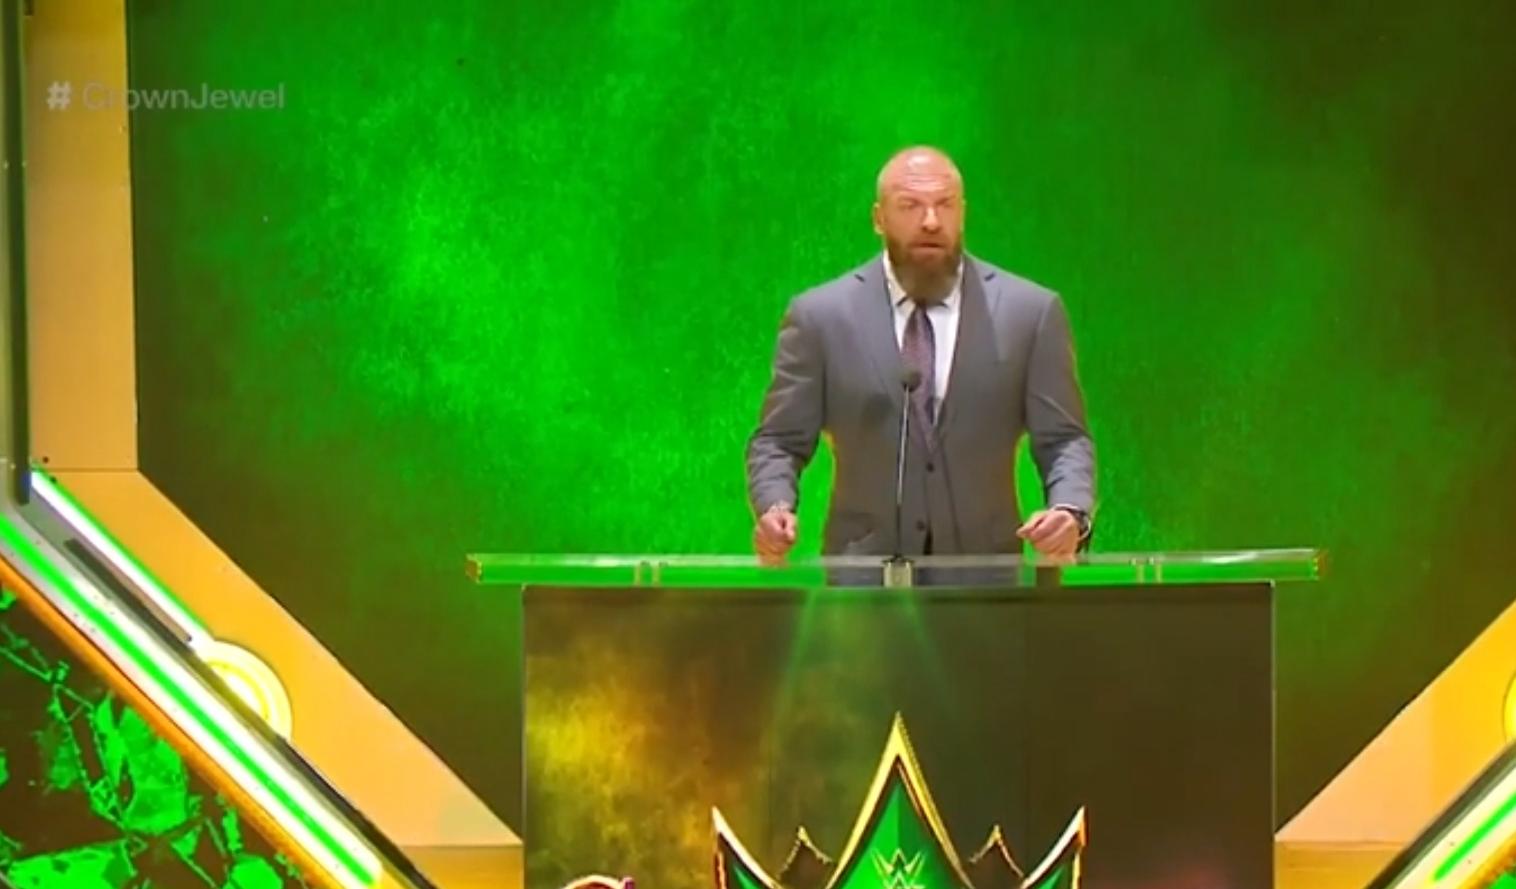 اعلان WWE عن اول نزالين في موسم الرياض